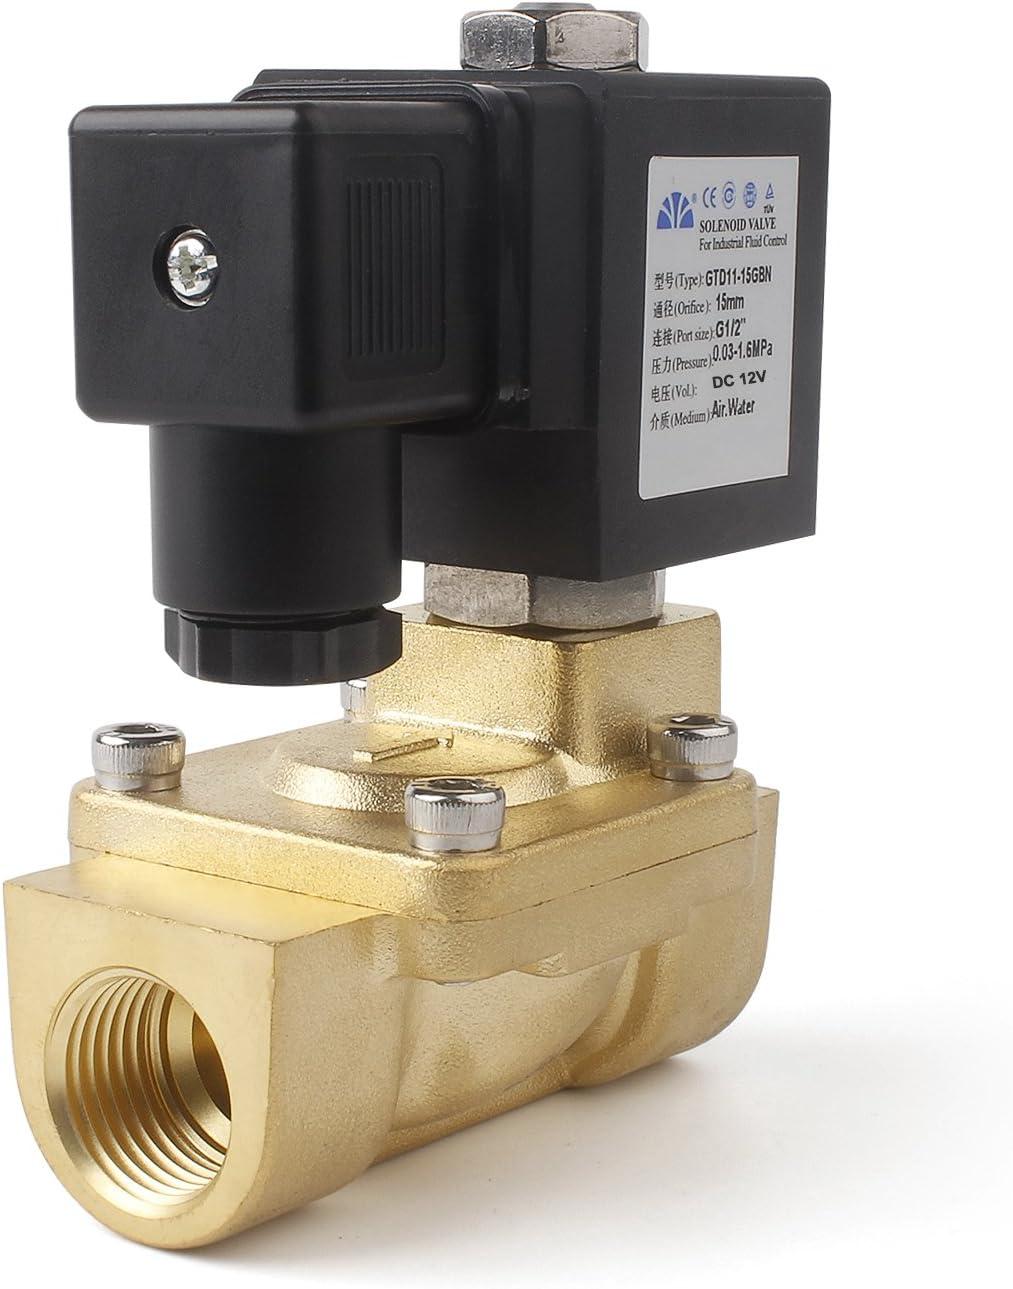 Messing Magnetventil Elektrisches Ventil Elektromagnetventil DC24V NC DN15 IP65